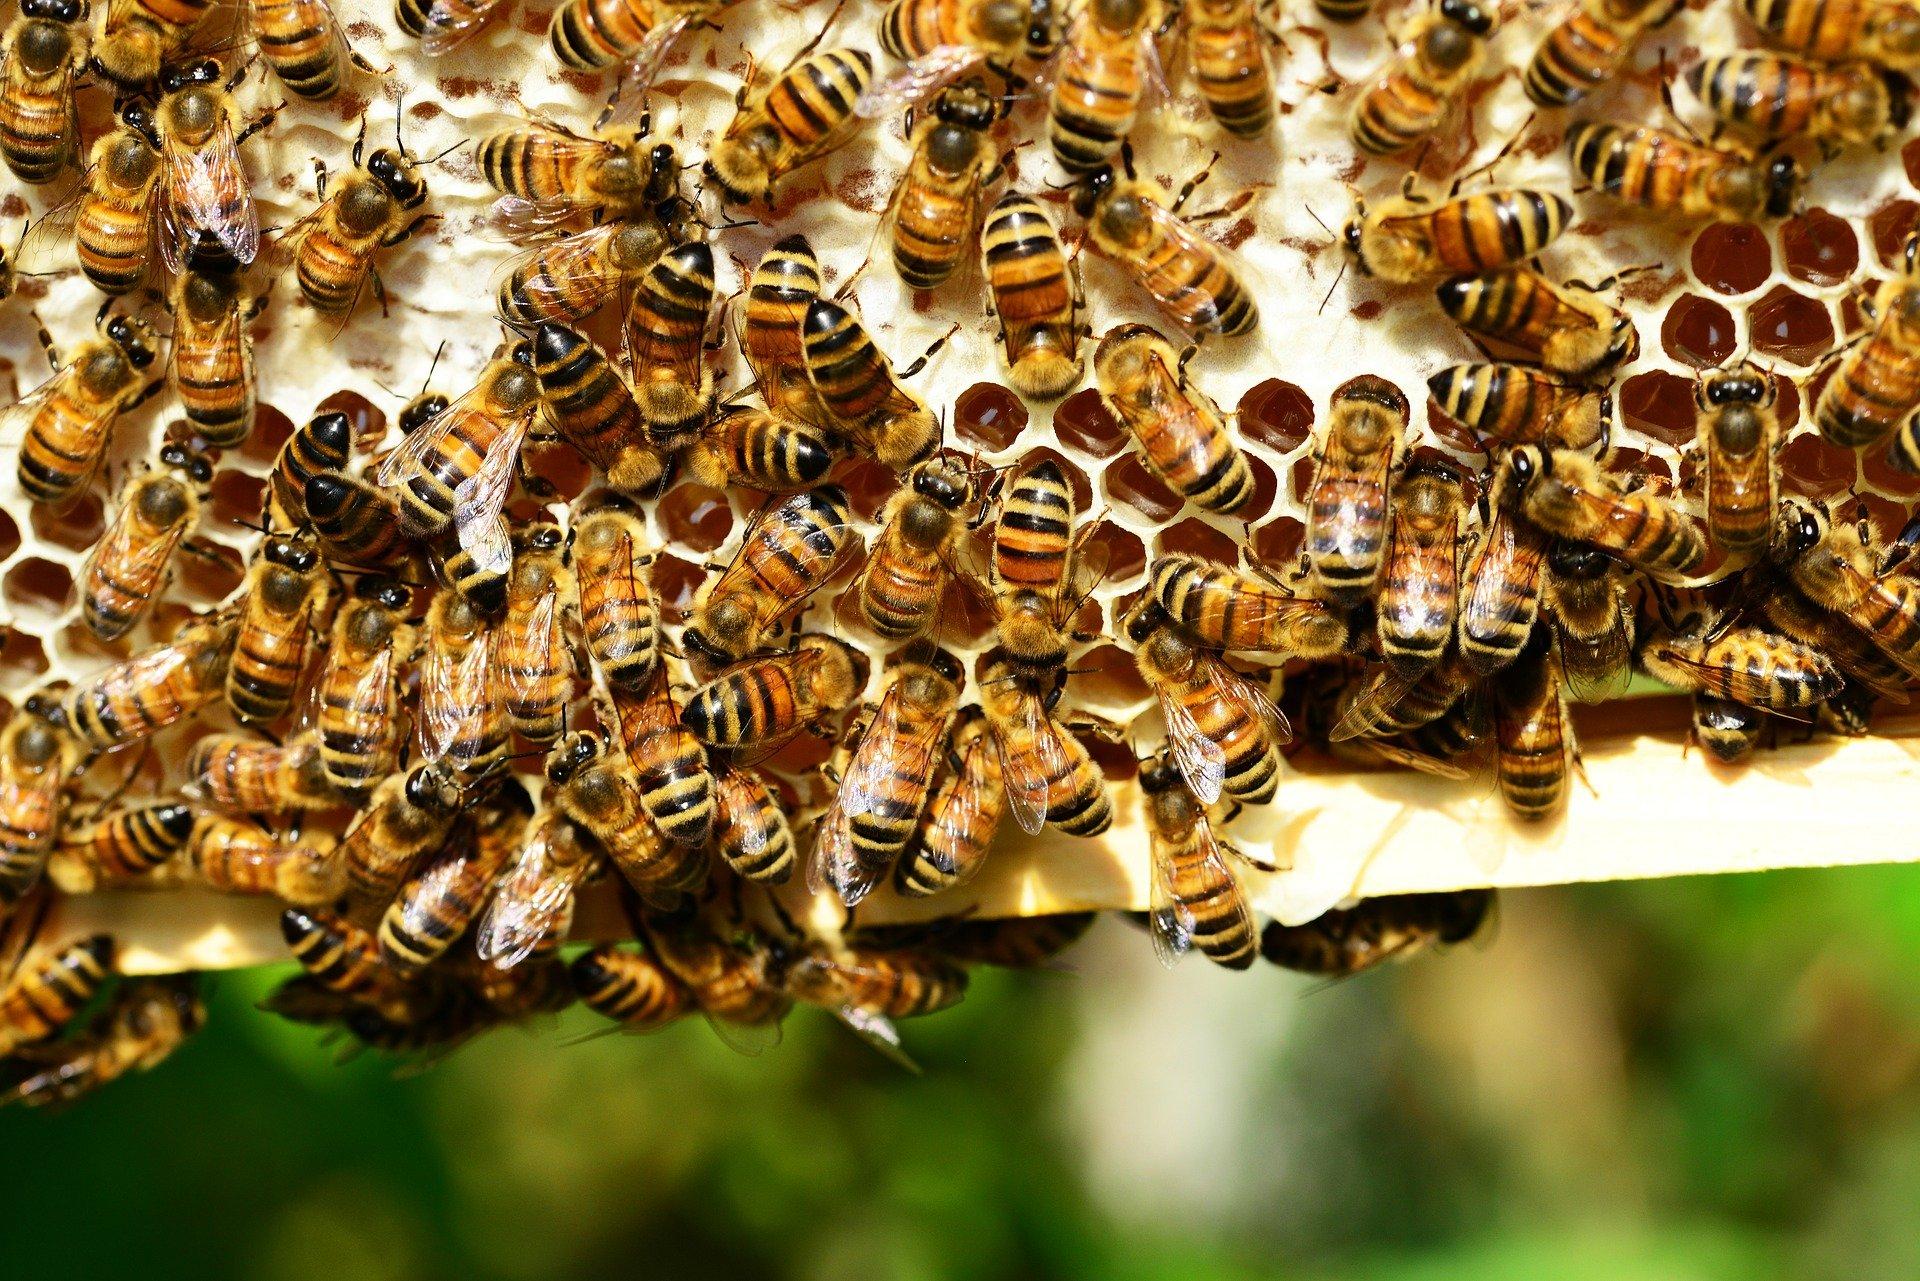 abeilles autour d'alvéoles